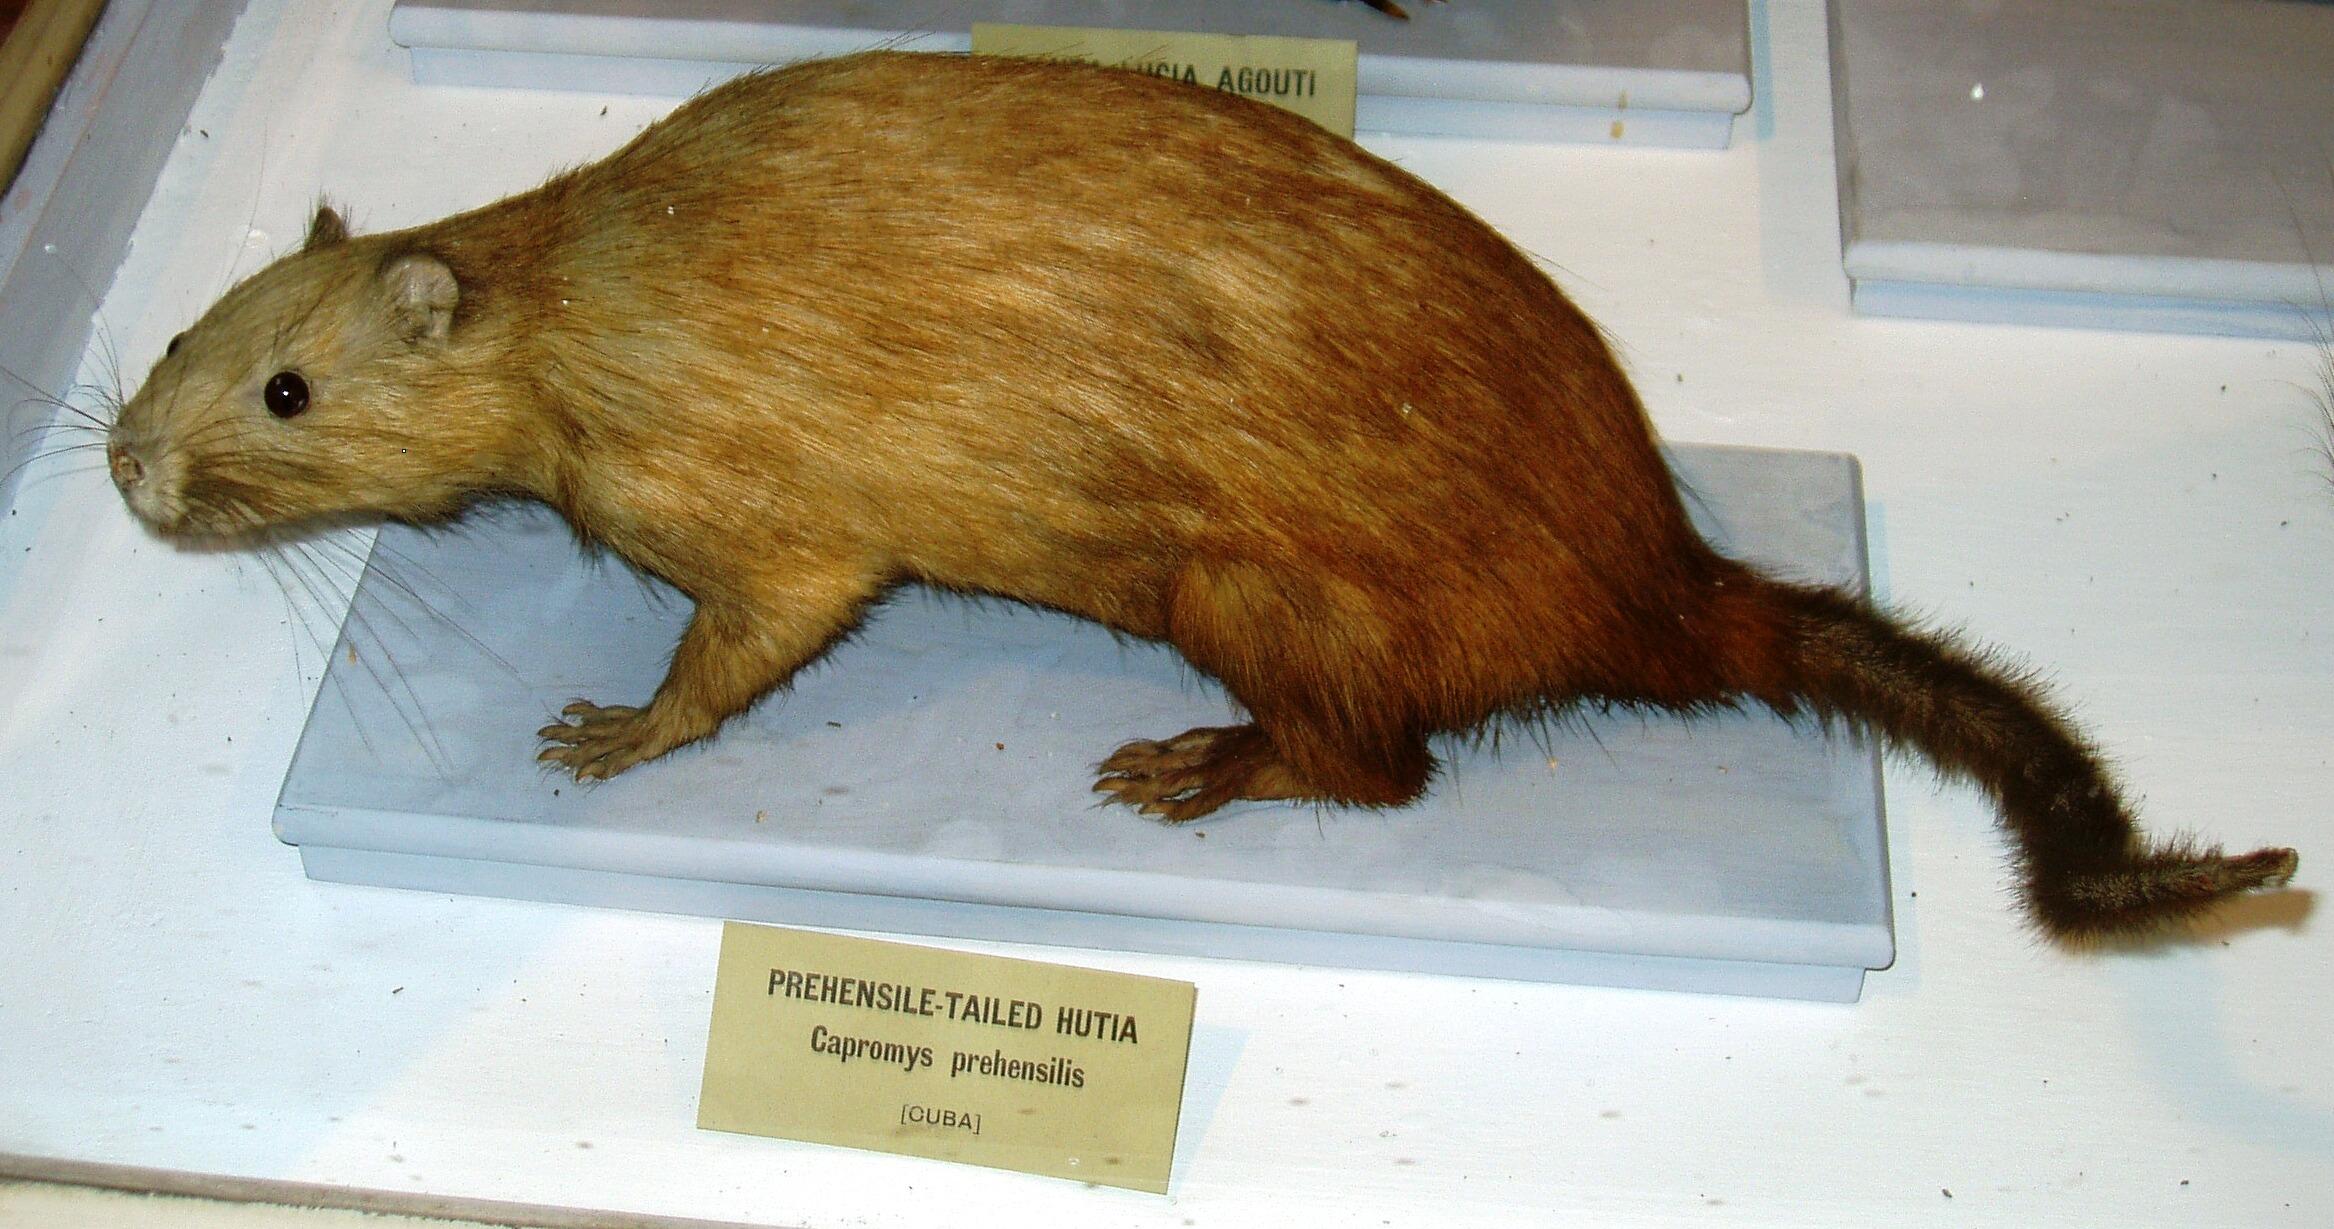 Prehensile-tailed hutia - Wikipedia